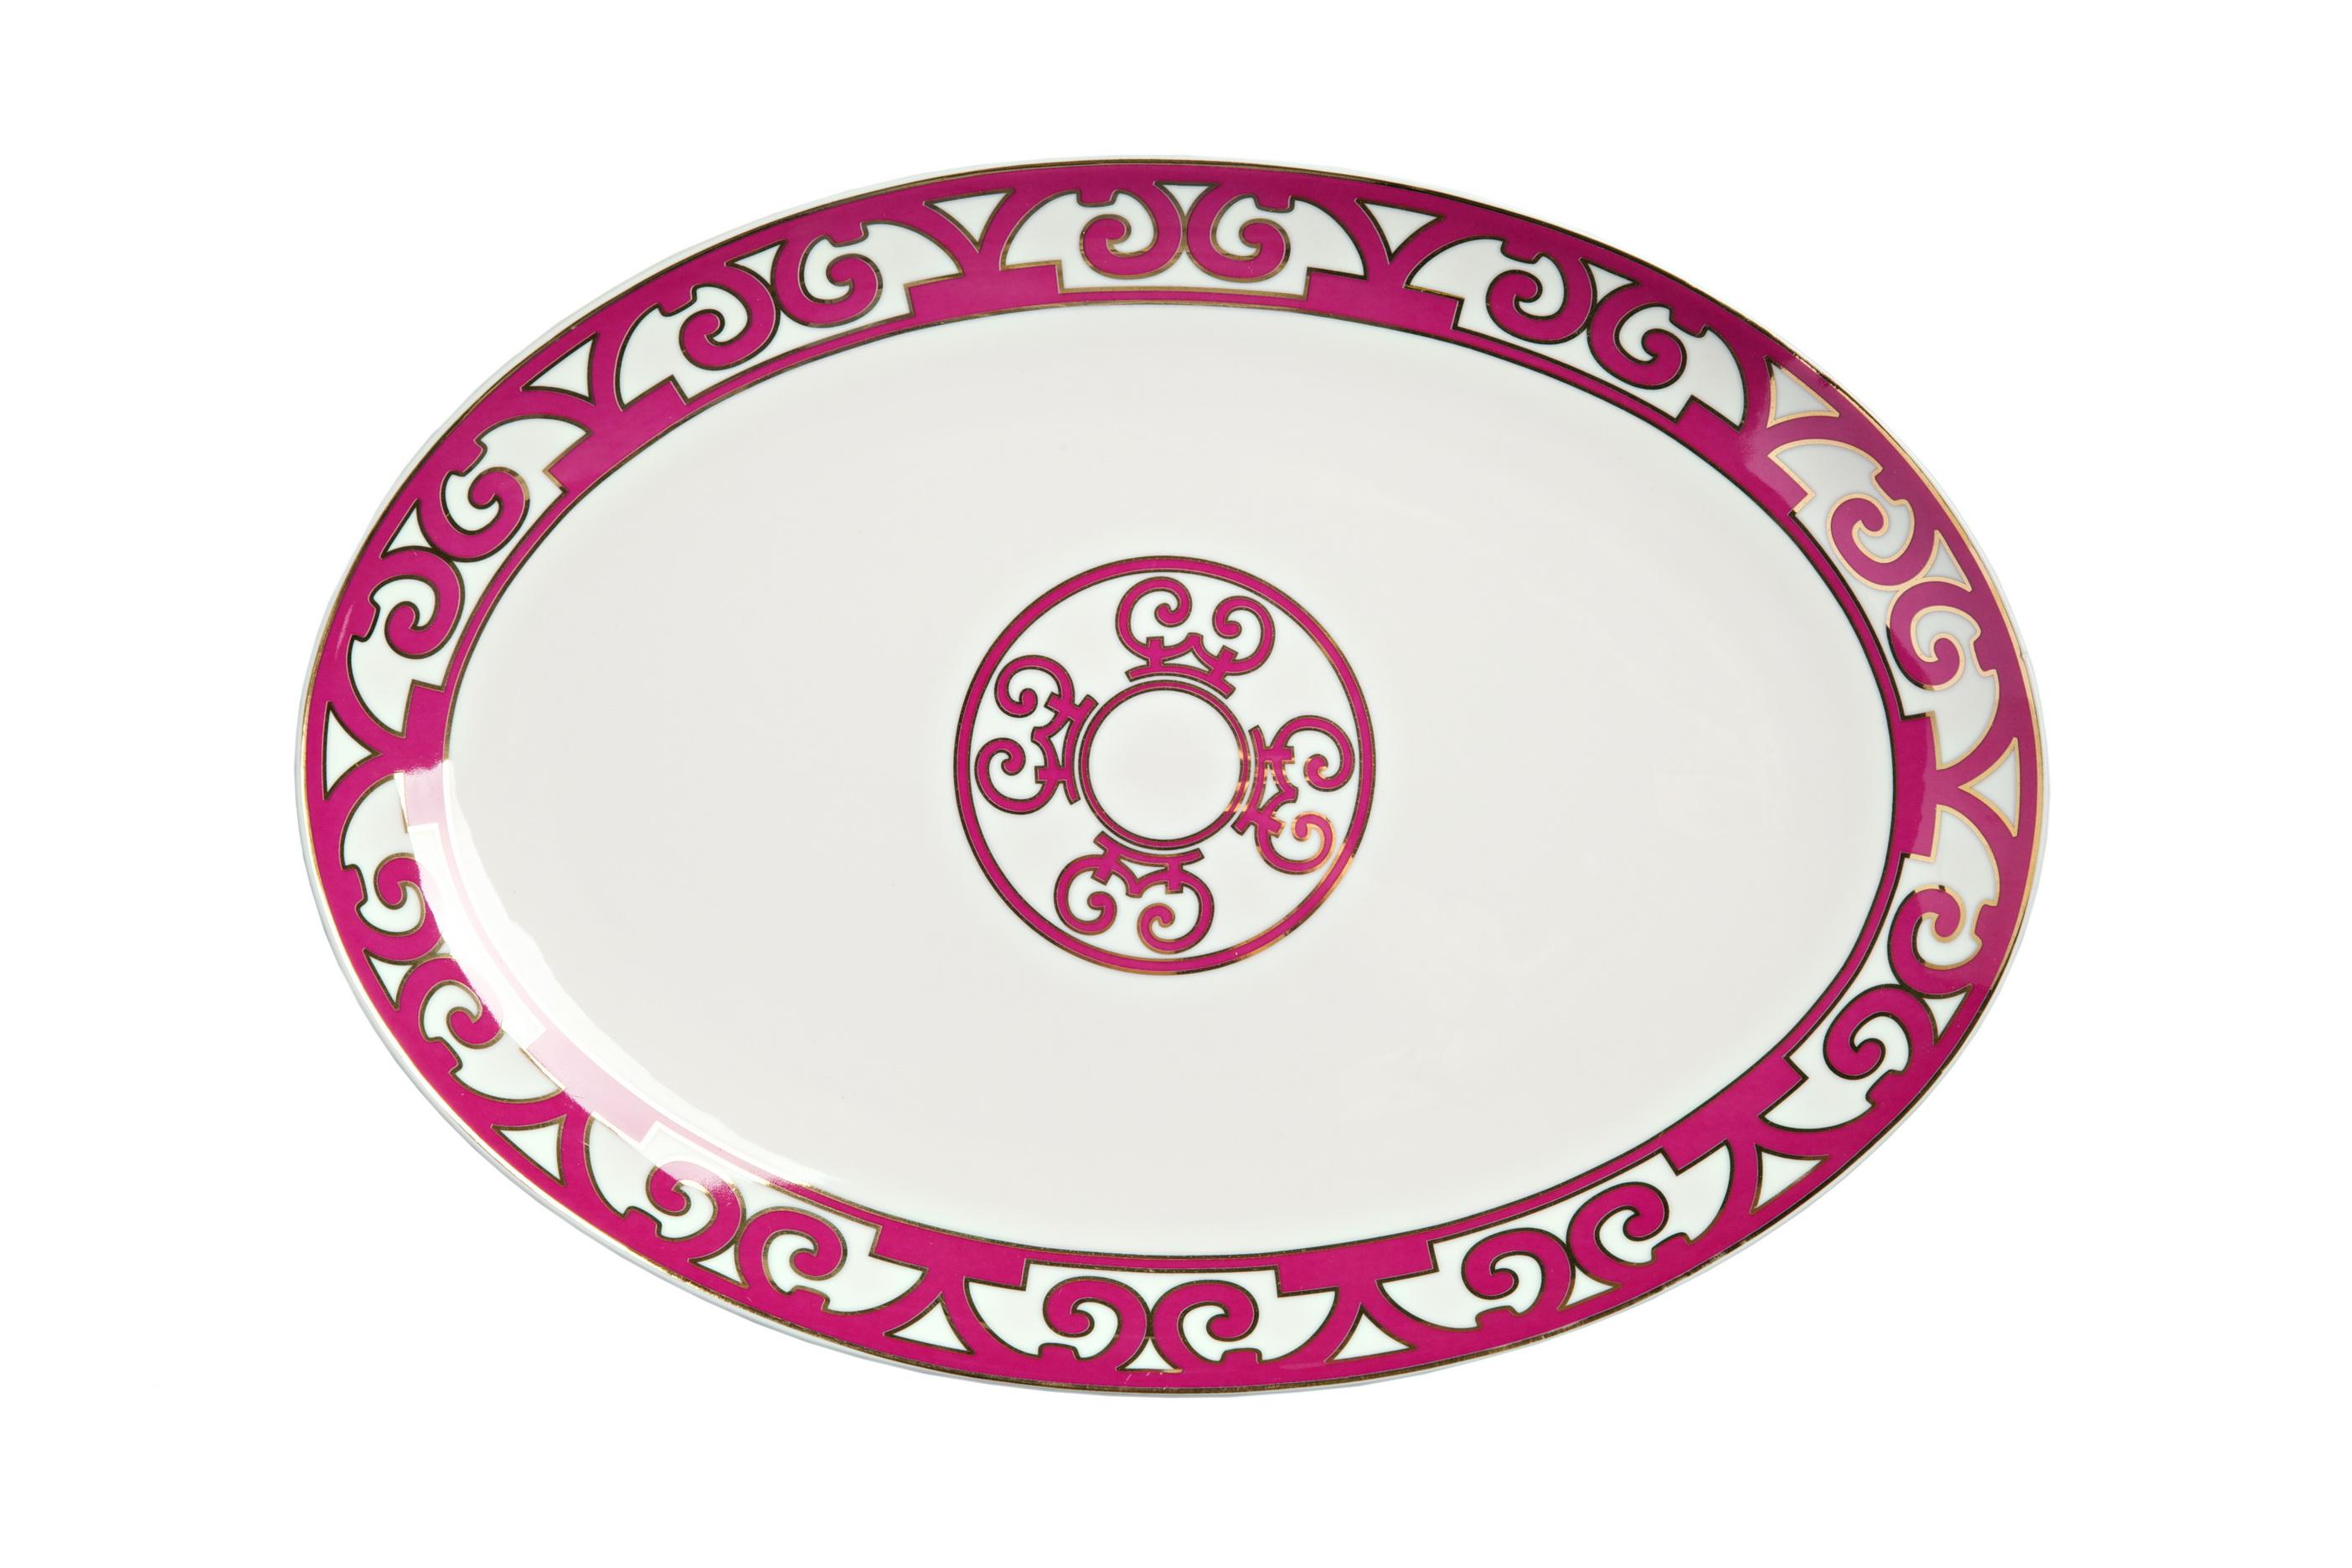 Овальное блюдо Sienna БольшоеДекоративные блюда<br>Большое овальное блюдо коллекции «Sienna» выполнено из изысканного костяного фарфора и украшено контрастным лиловым узором в стиле модерн (moderne) и солярным символом в центре. Блюдо предназначается для подачи разнообразных салатов, закусок и нарезок. Вы можете приобрести изделие отдельно либо в комплекте с другими предметами коллекции «Sienna».<br><br>Material: Фарфор<br>Width см: 37<br>Depth см: 26<br>Height см: 1.5<br>Diameter см: None